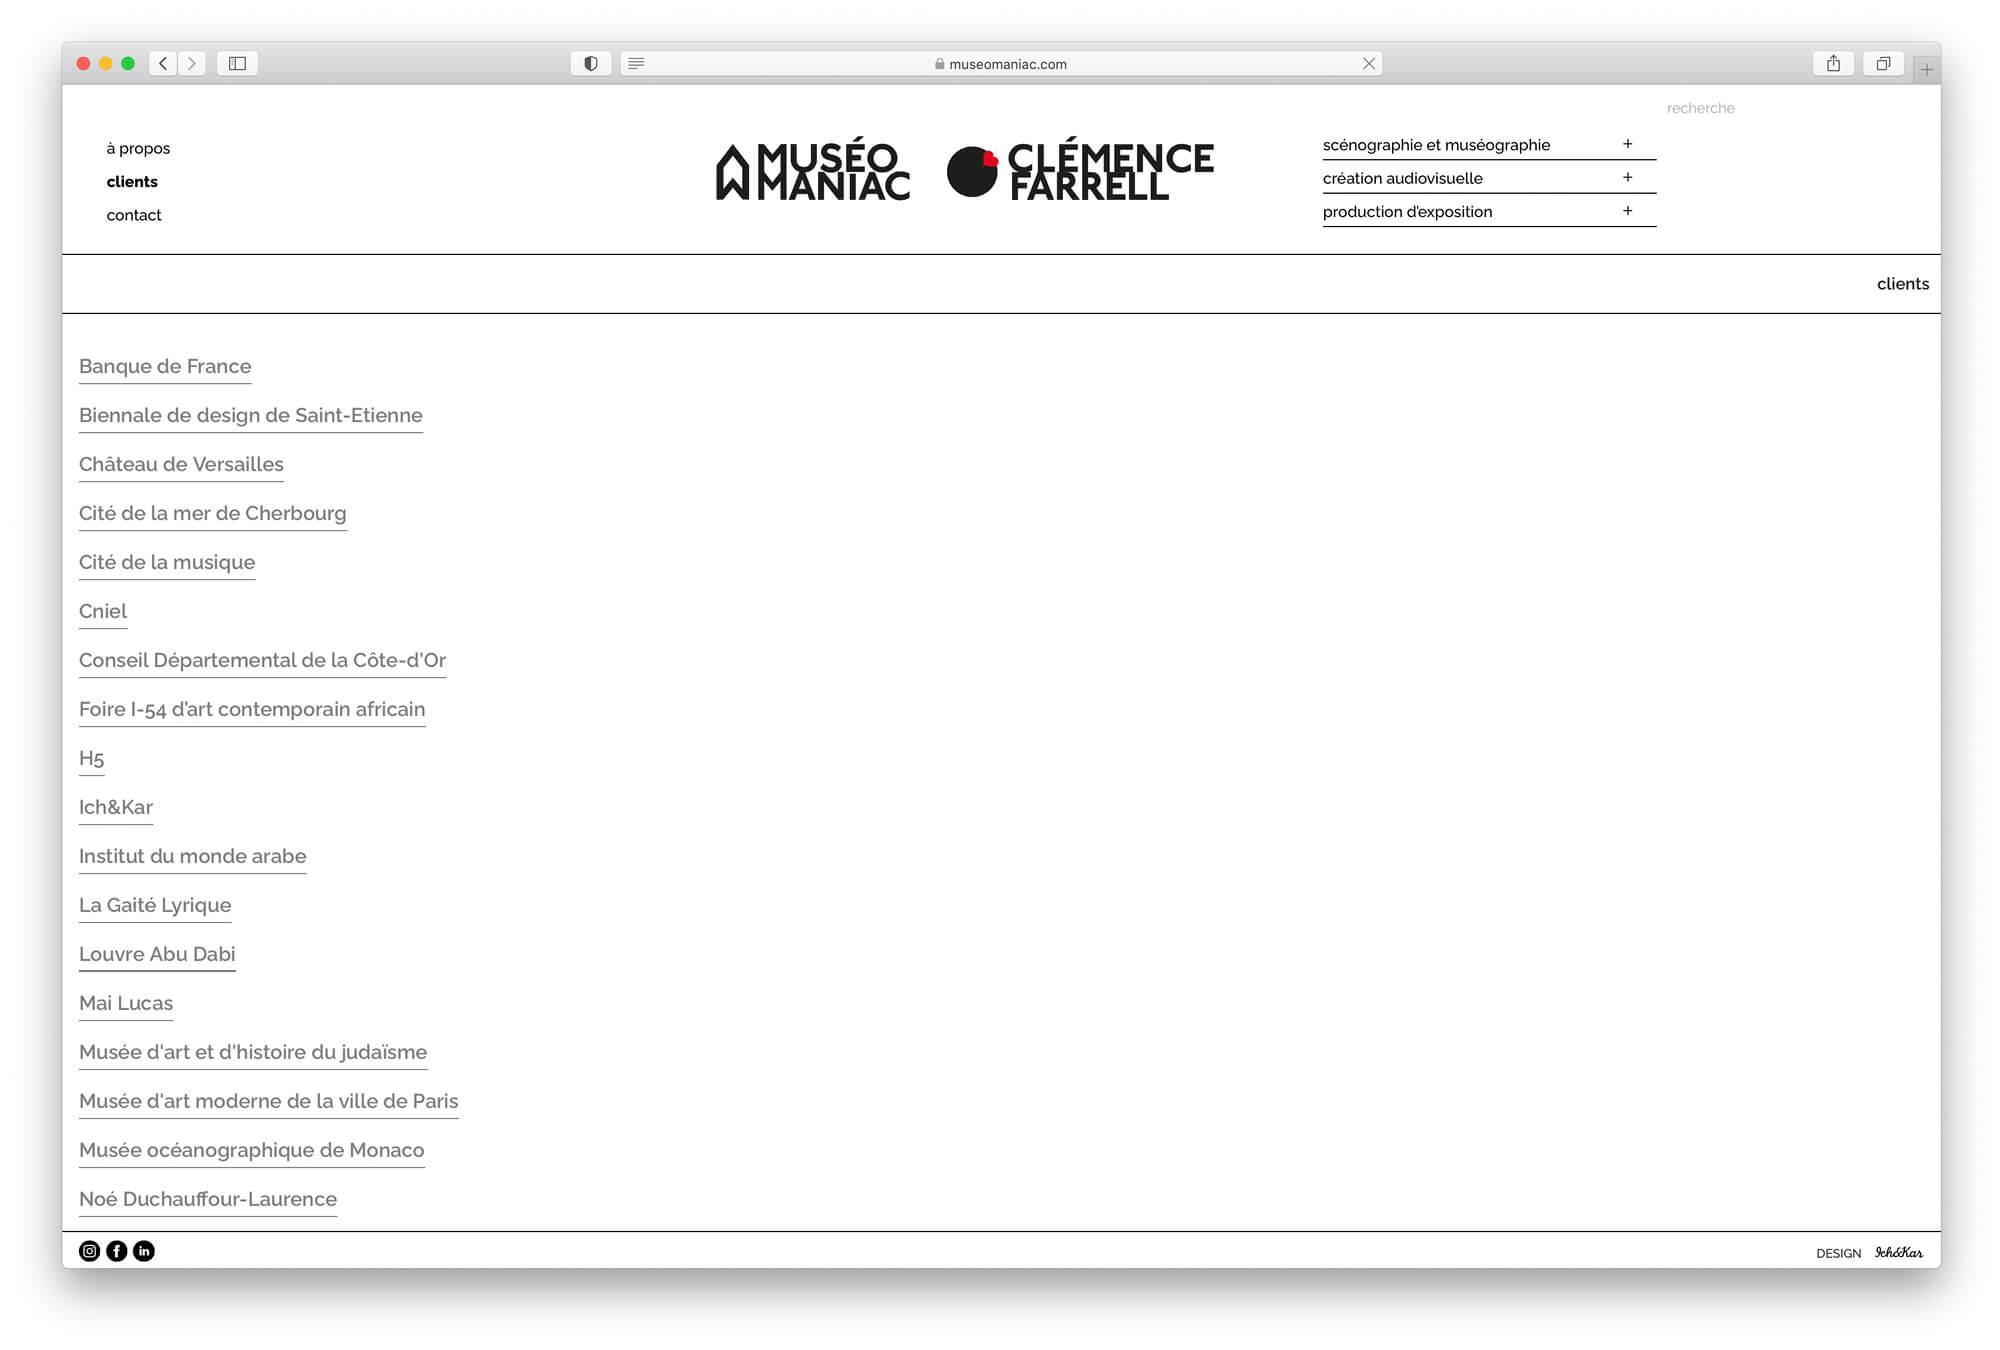 La page clients presente une liste qui s'ouvre repertoriant les projet classés par clients